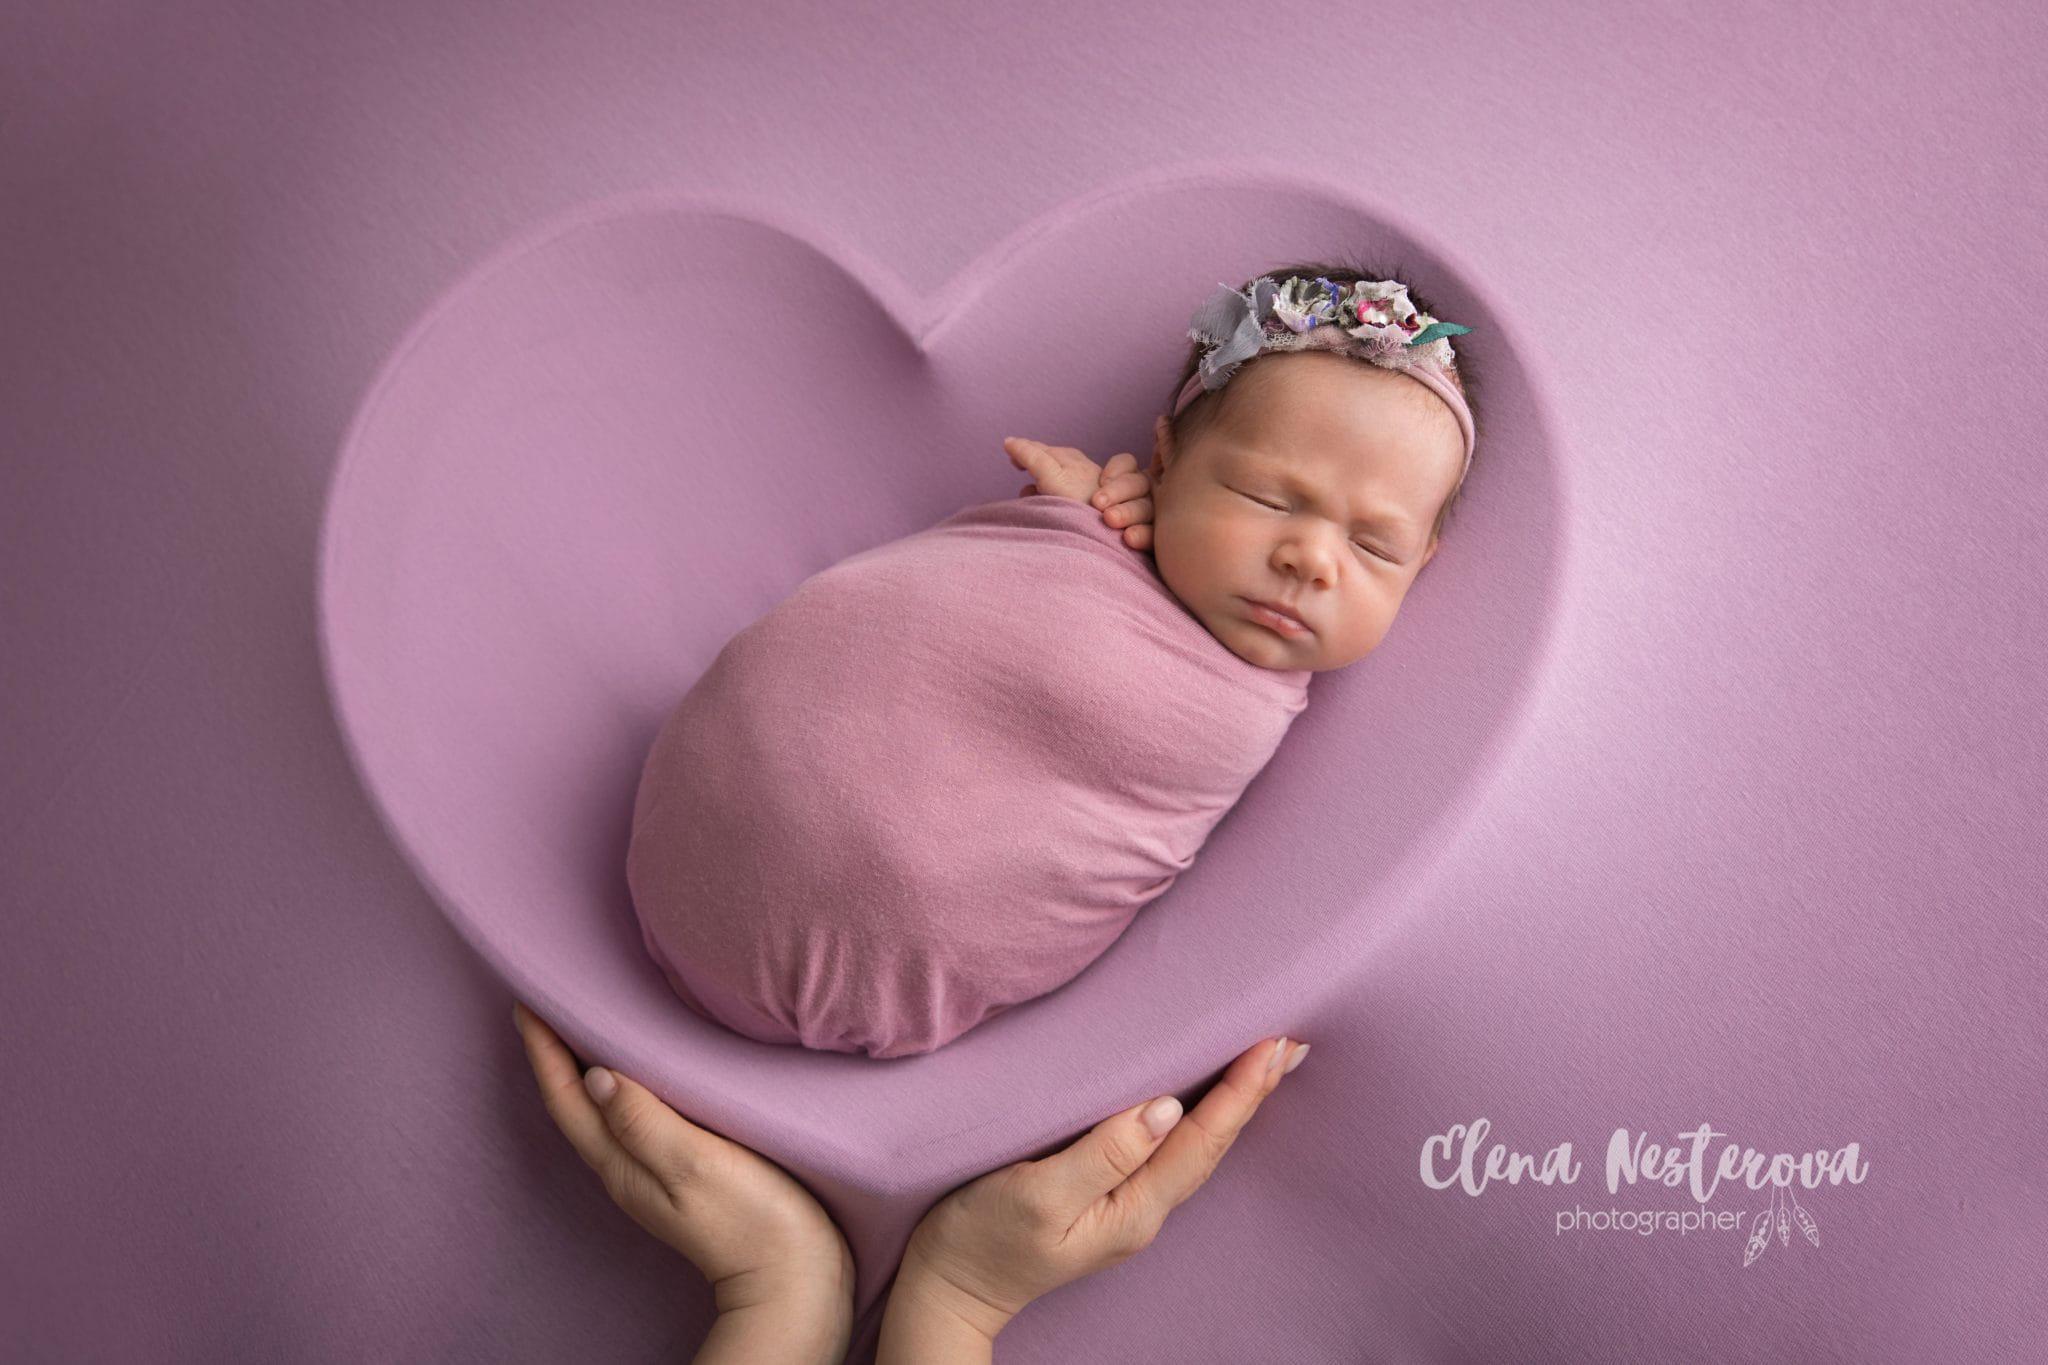 фотографии новорожденных профессиональные